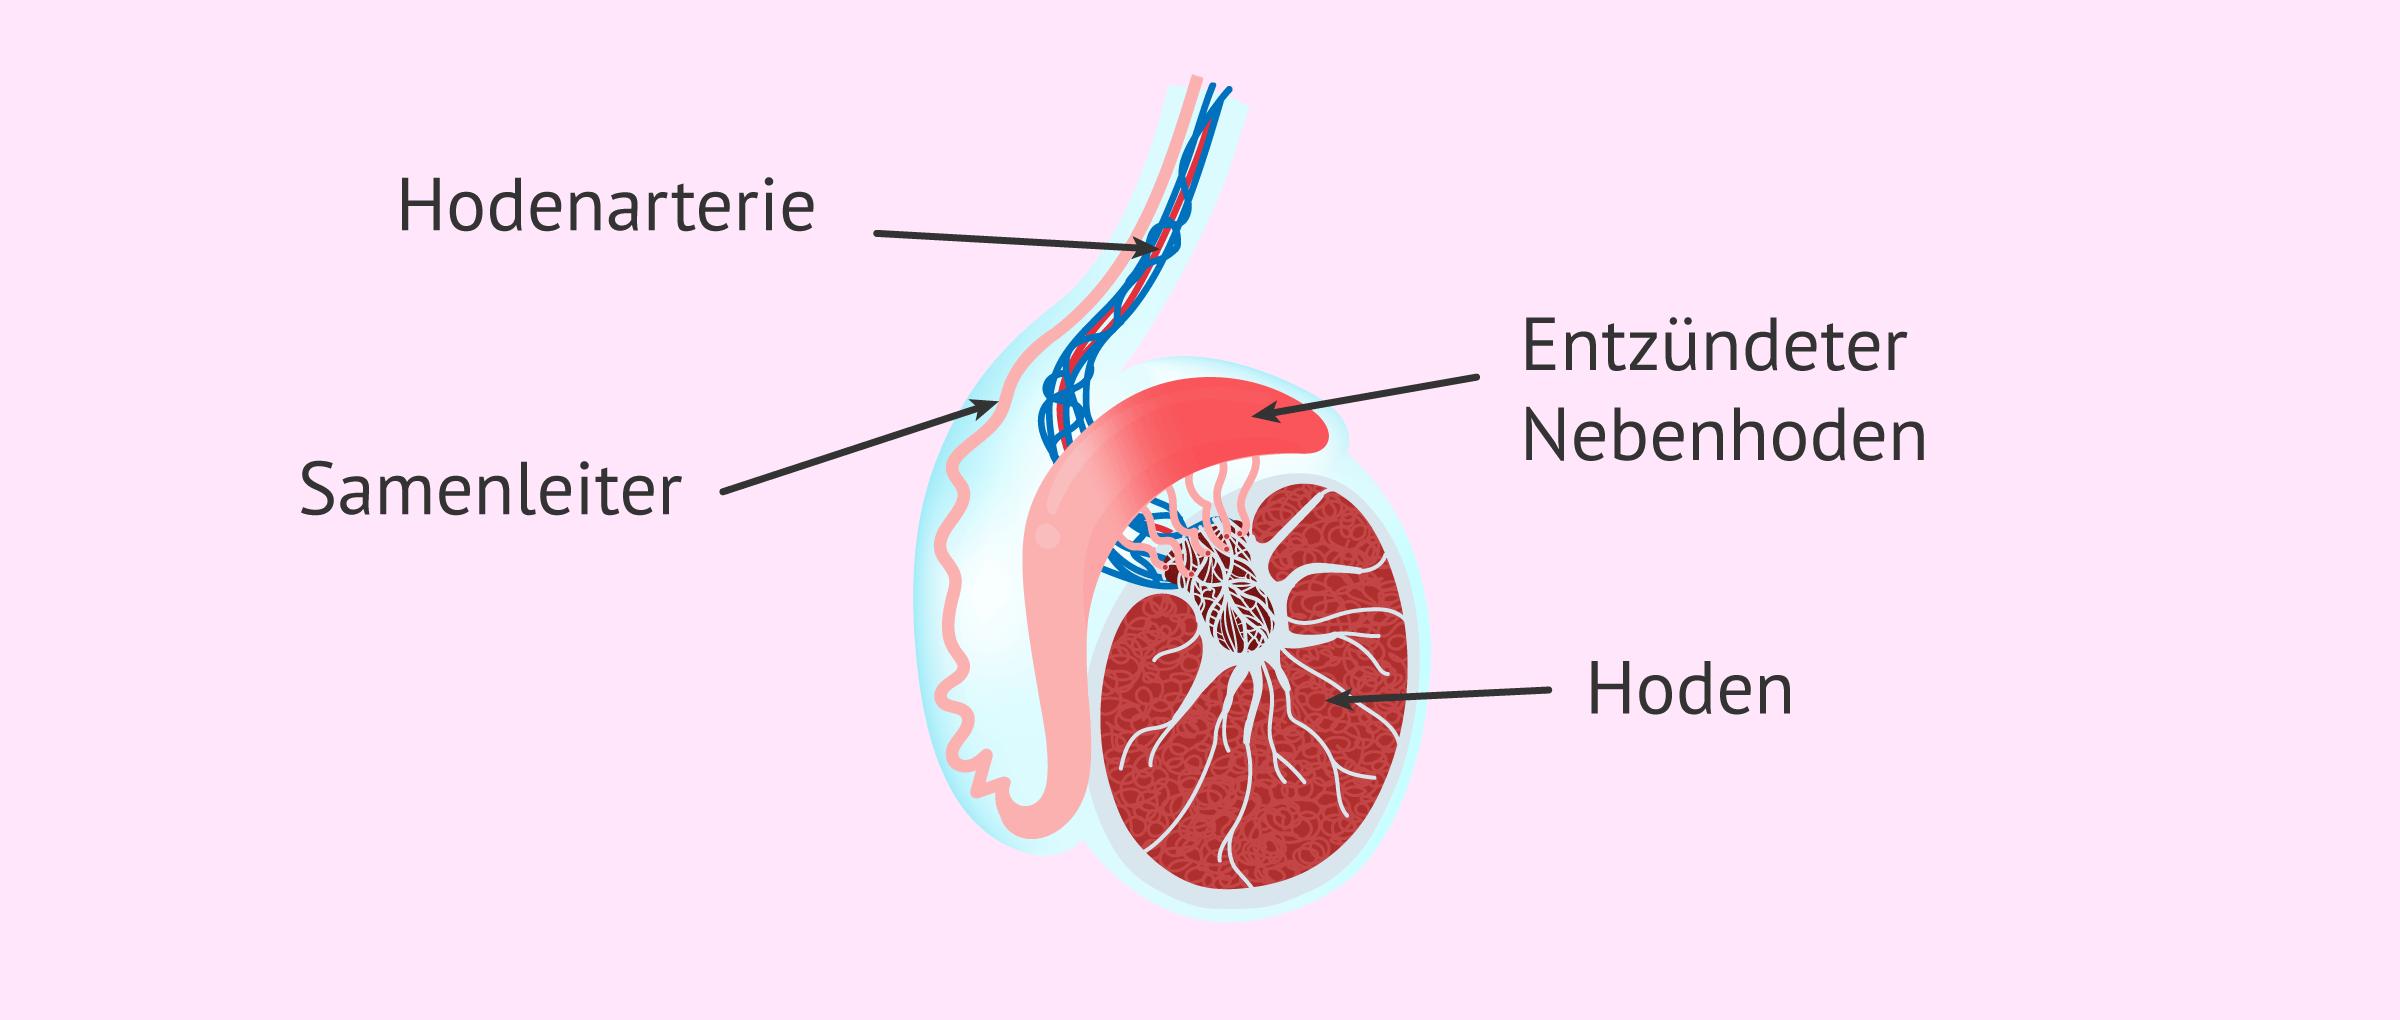 Nebenhodenentzündungen